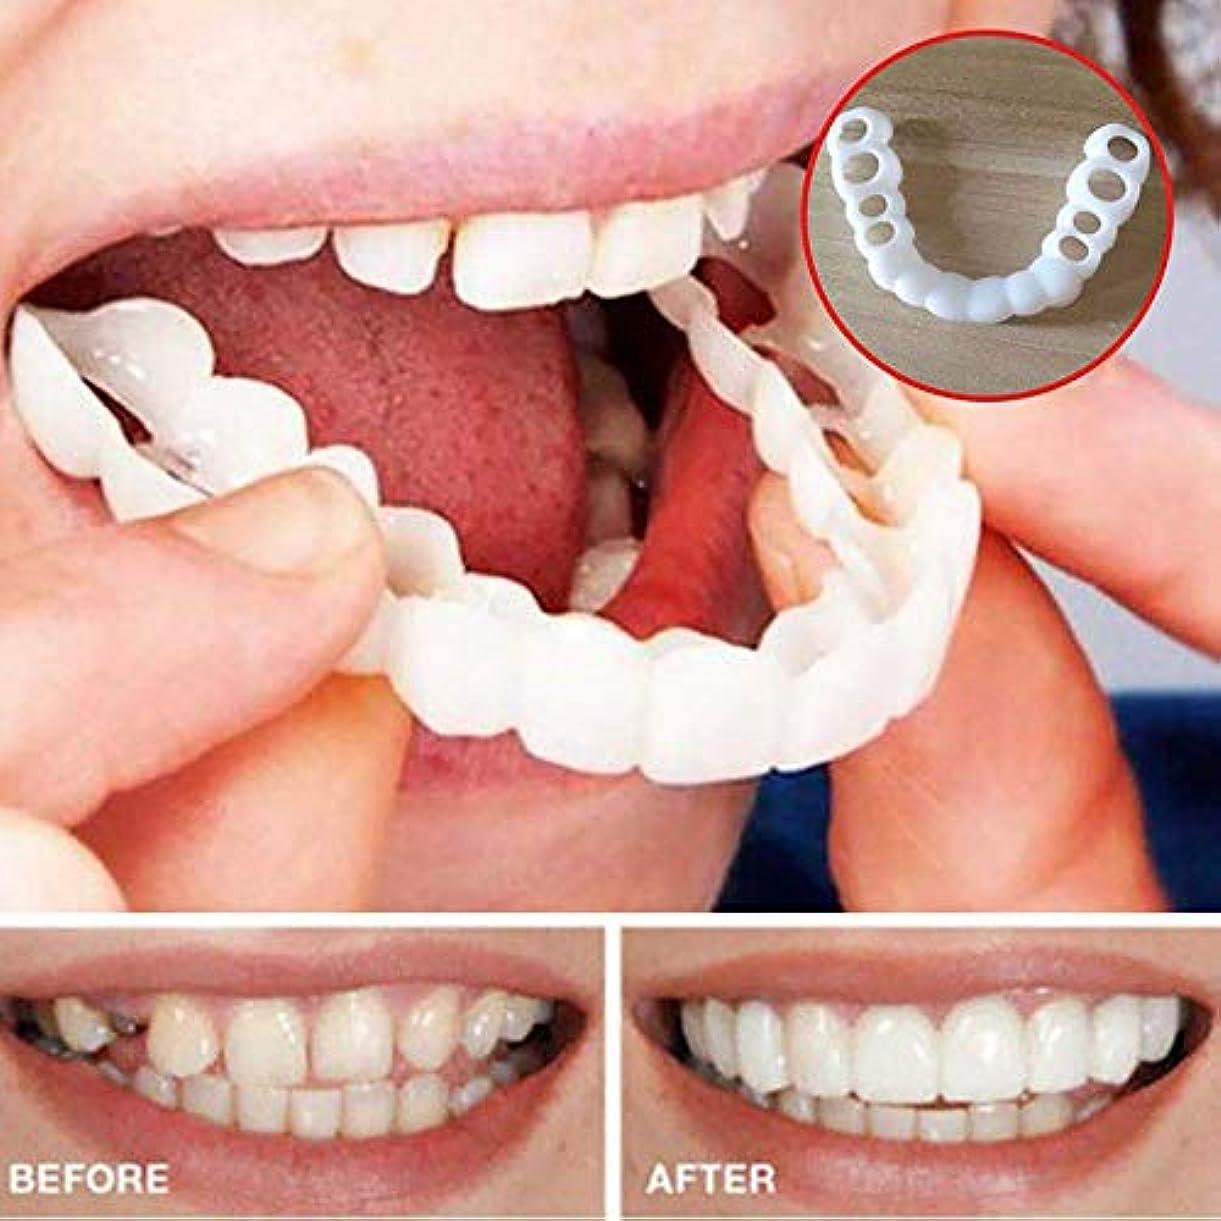 からに変化するサバント鳴り響く入れ歯、シリコーンシミュレーション、上歯の4セット、ホワイトニング入れ歯、再利用可能な、入れ歯